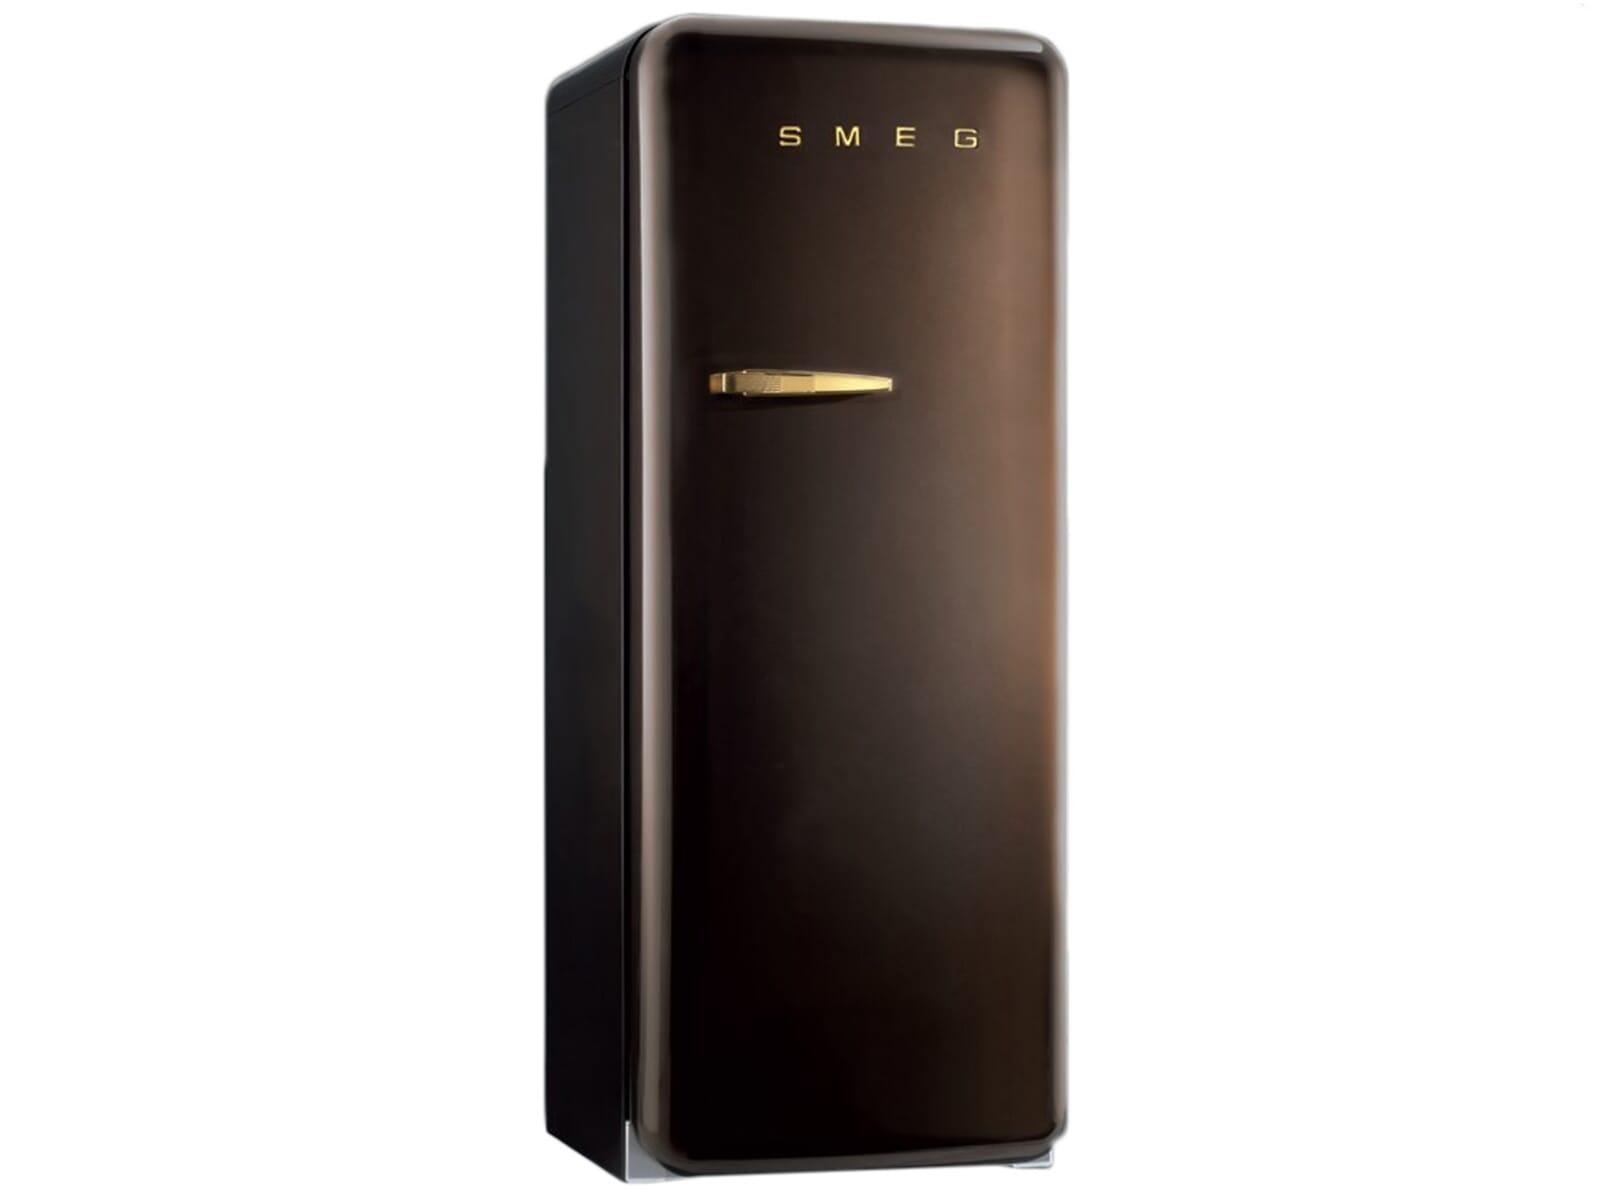 Smeg Kühlschrank Lebensdauer : Smeg kühlschrank lebensdauer kuehlschrank mehr als